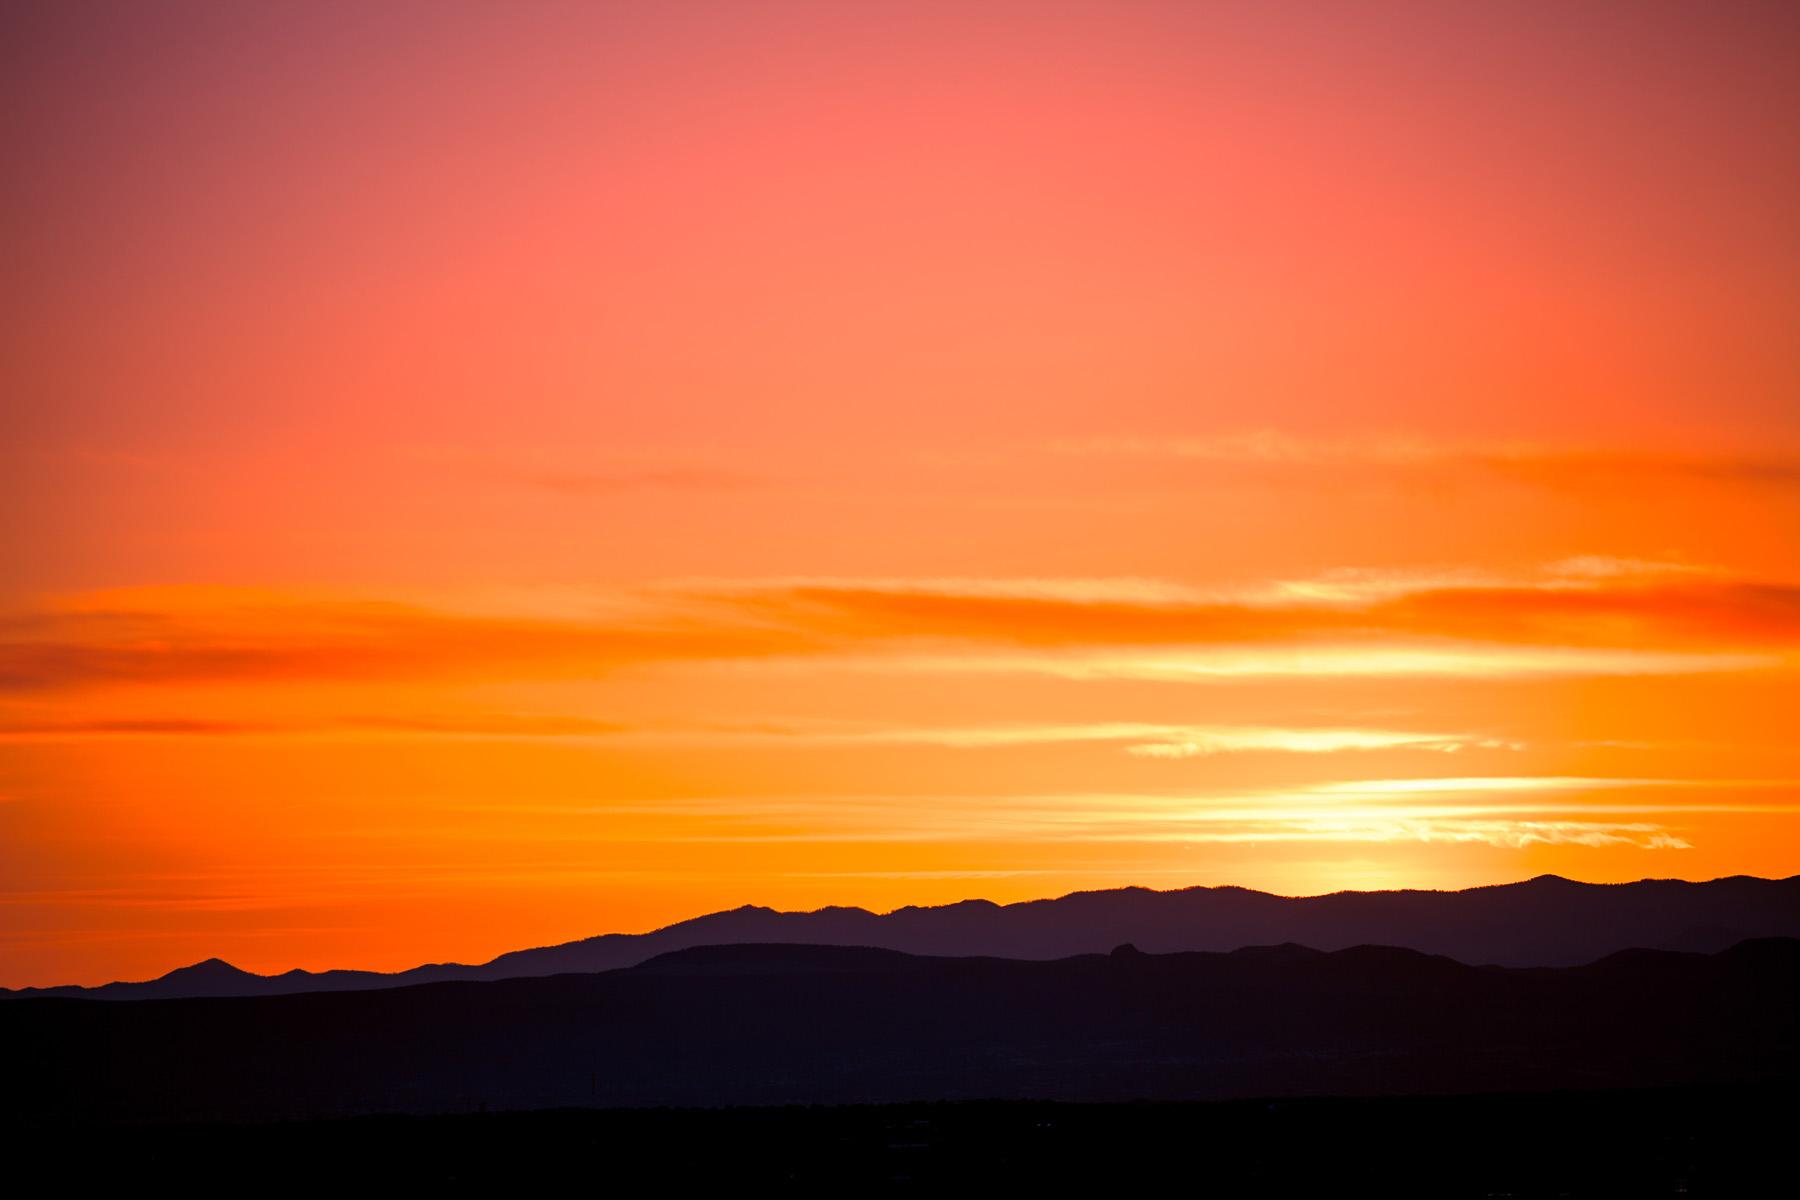 desert sunset background | art inspo | Pinterest ...